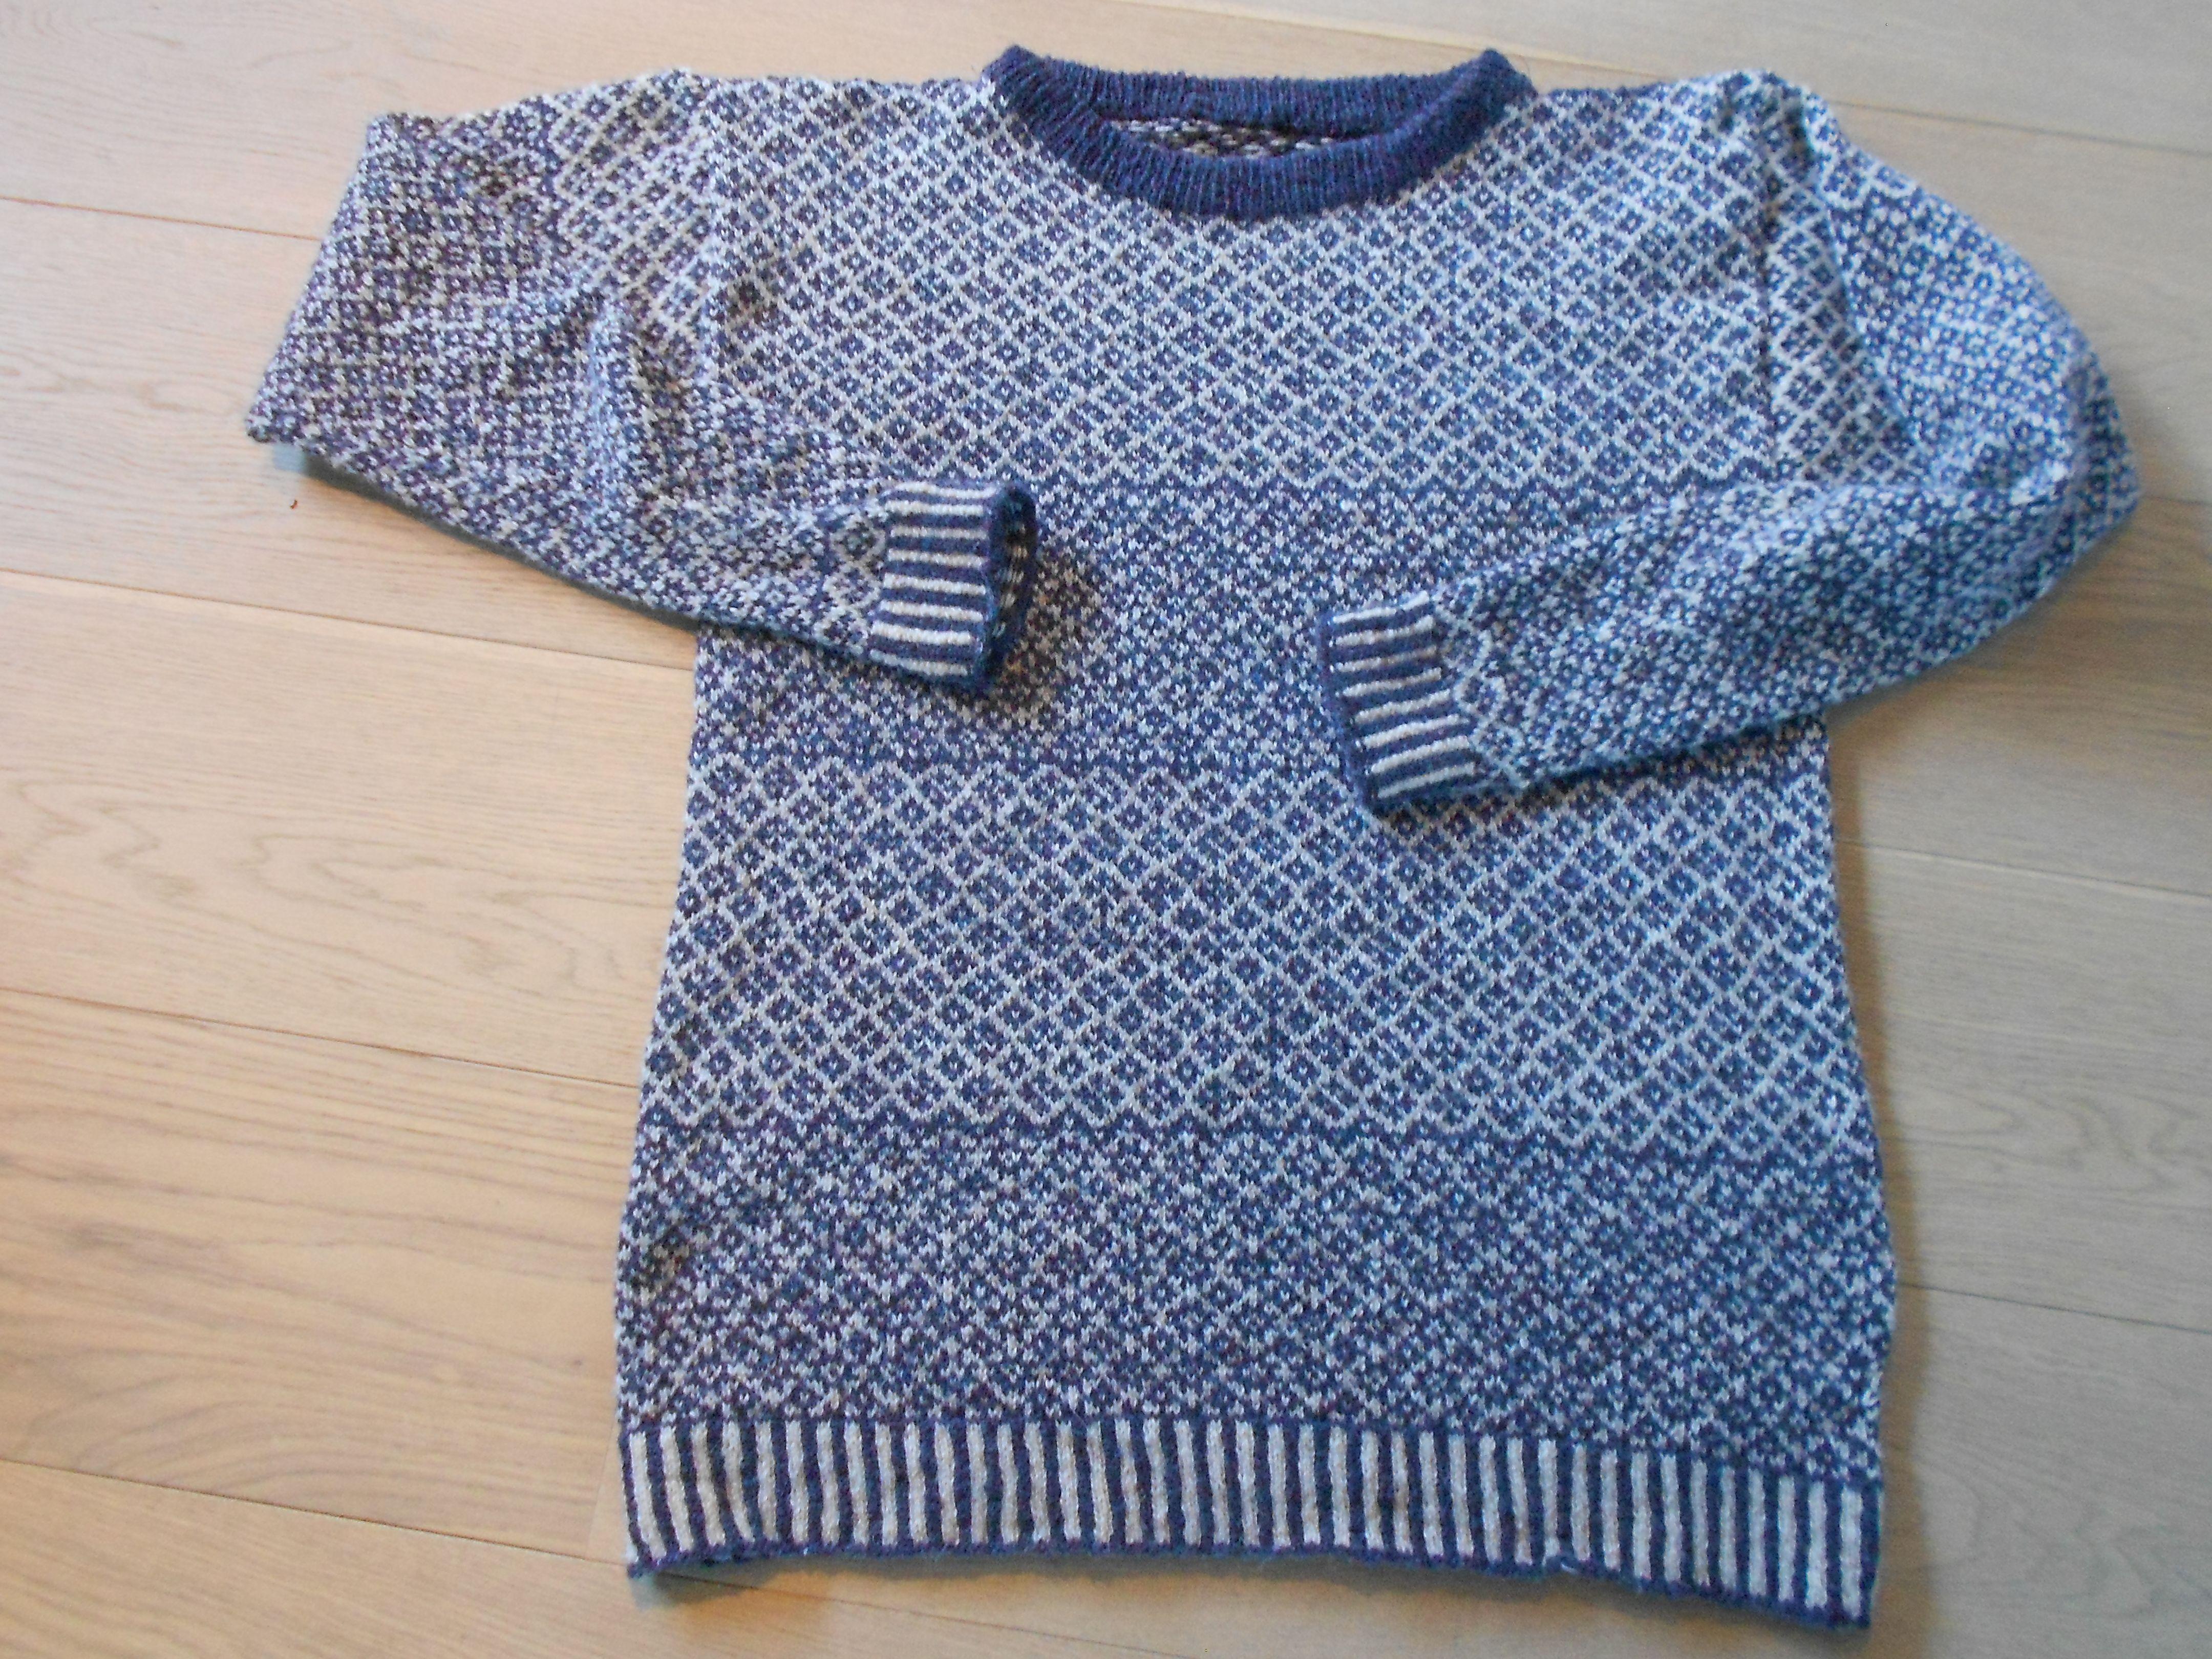 met 2 ply jamieson , mijn eerste fair isle trui voor Momme. 3 maanden werk maar leuk werk!